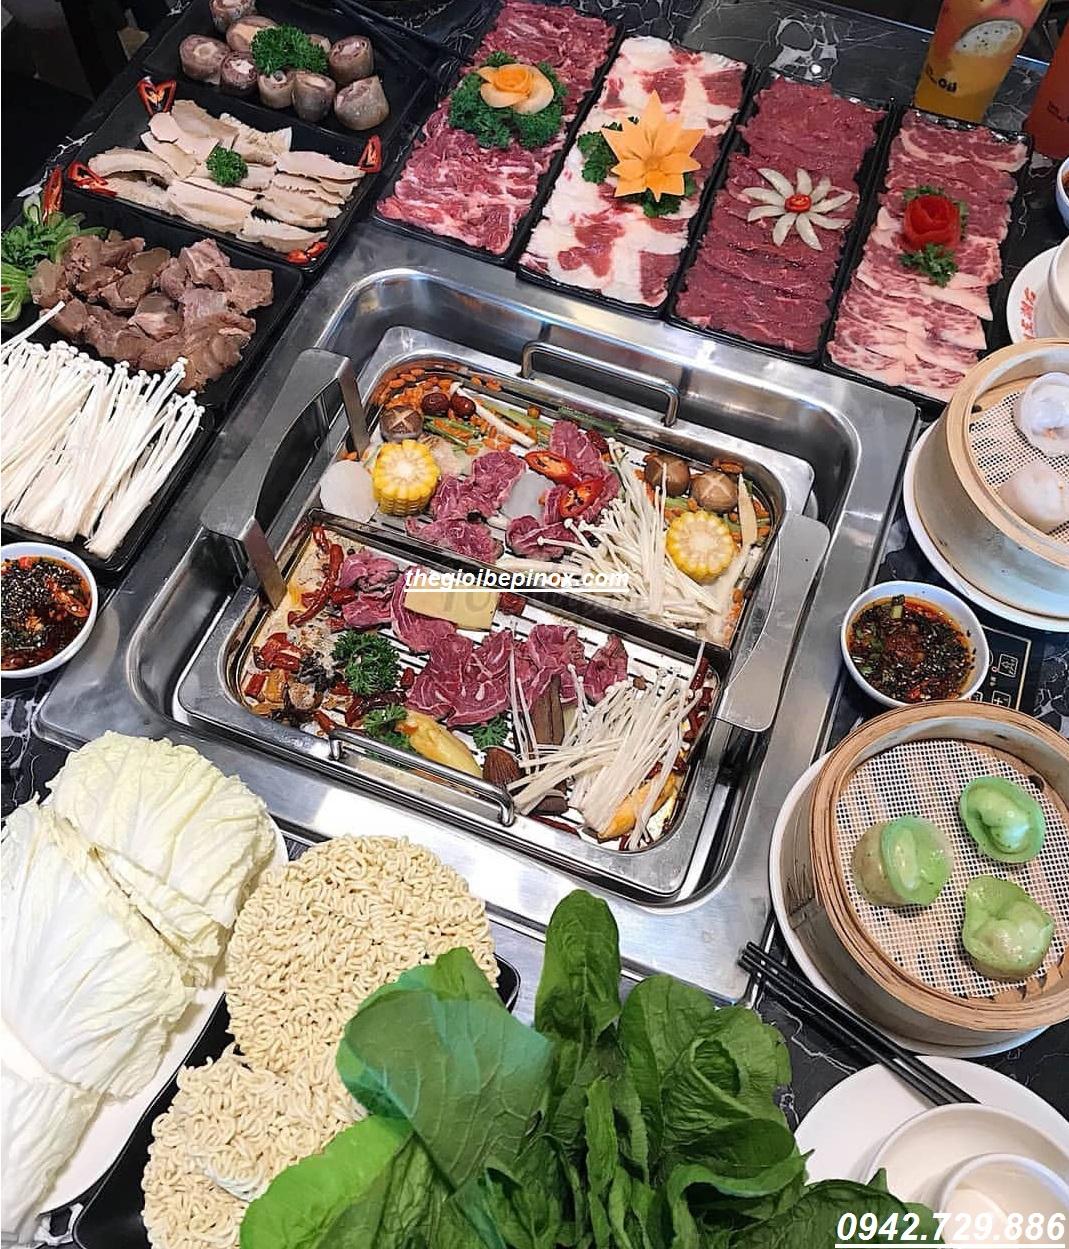 Tư vấn lắp đặt trọn gói hệ thống bếp lẩu tự nâng nhà hàng giá rẻ nhất Hà Nội I Bếp lẩu thang máy nhà hàng giá rẻ